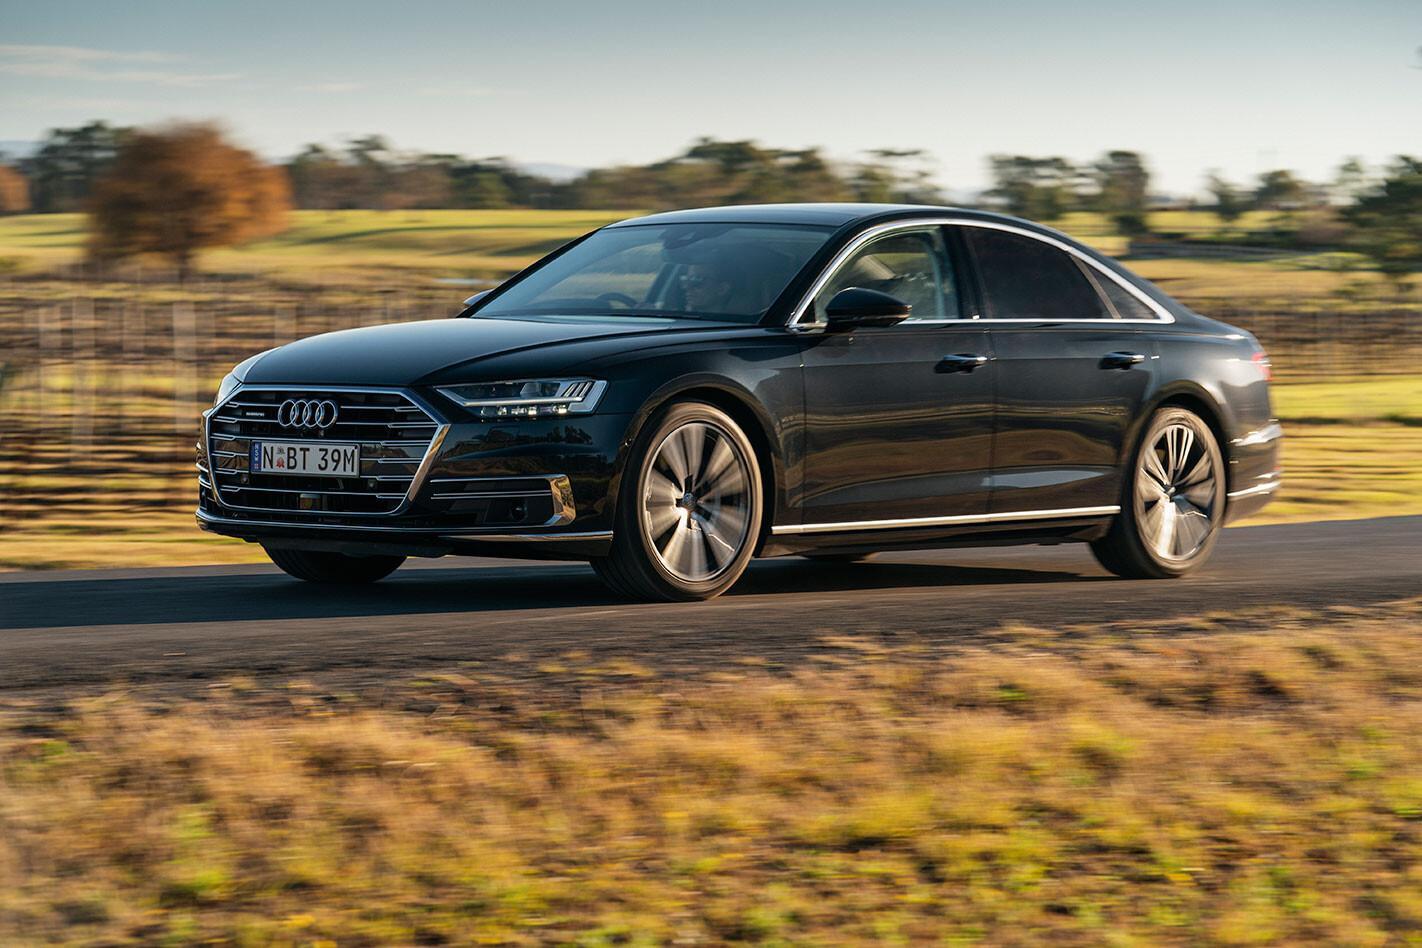 Audi A8 55 TFSI